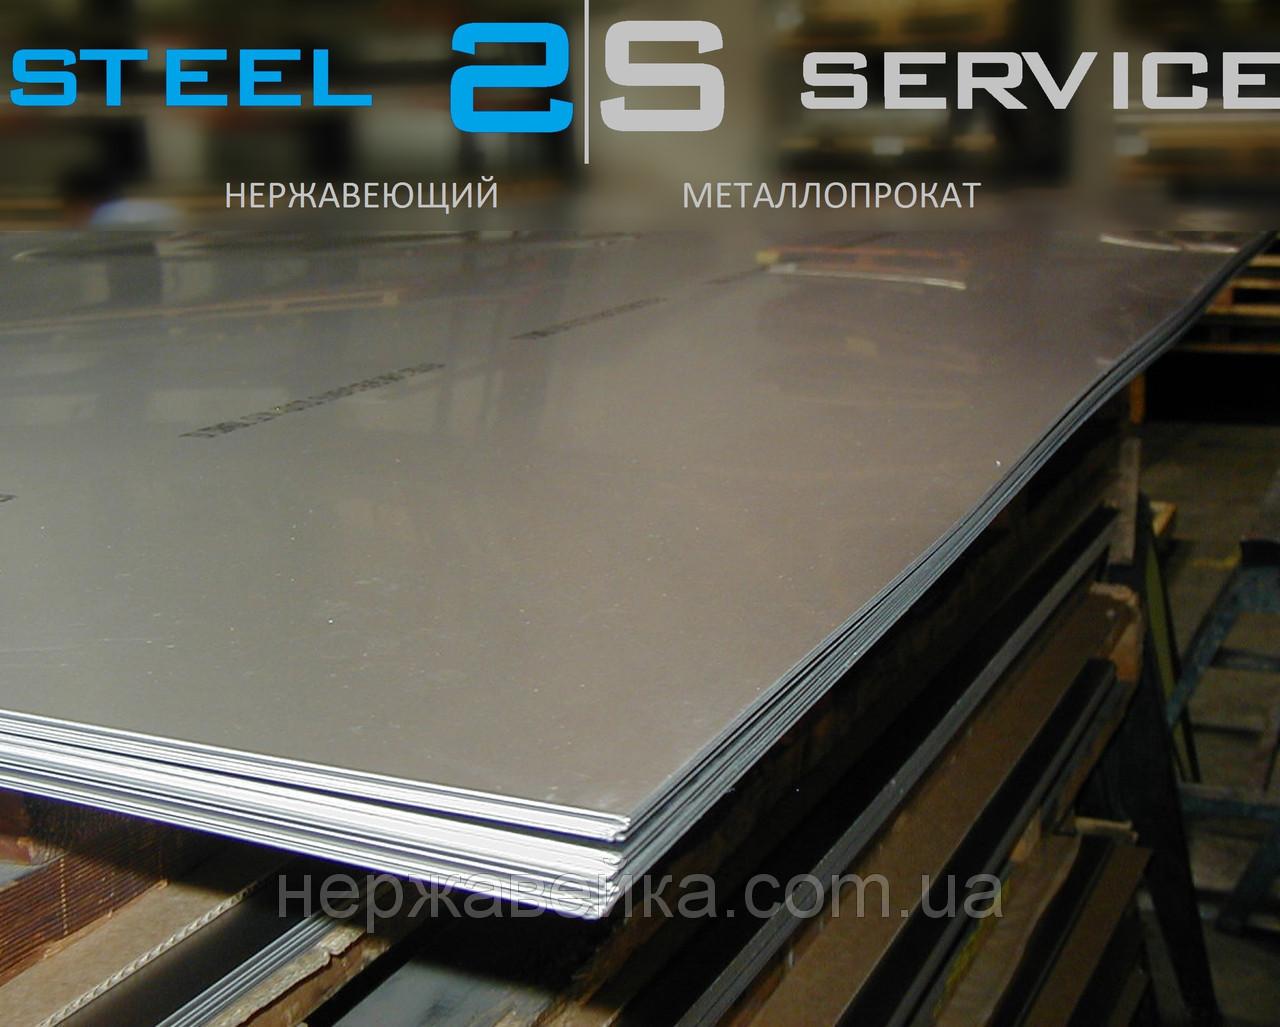 Нержавейка лист 16х1500х6000мм  AISI 321(08Х18Н10Т) F1 - горячекатанный,  пищевой